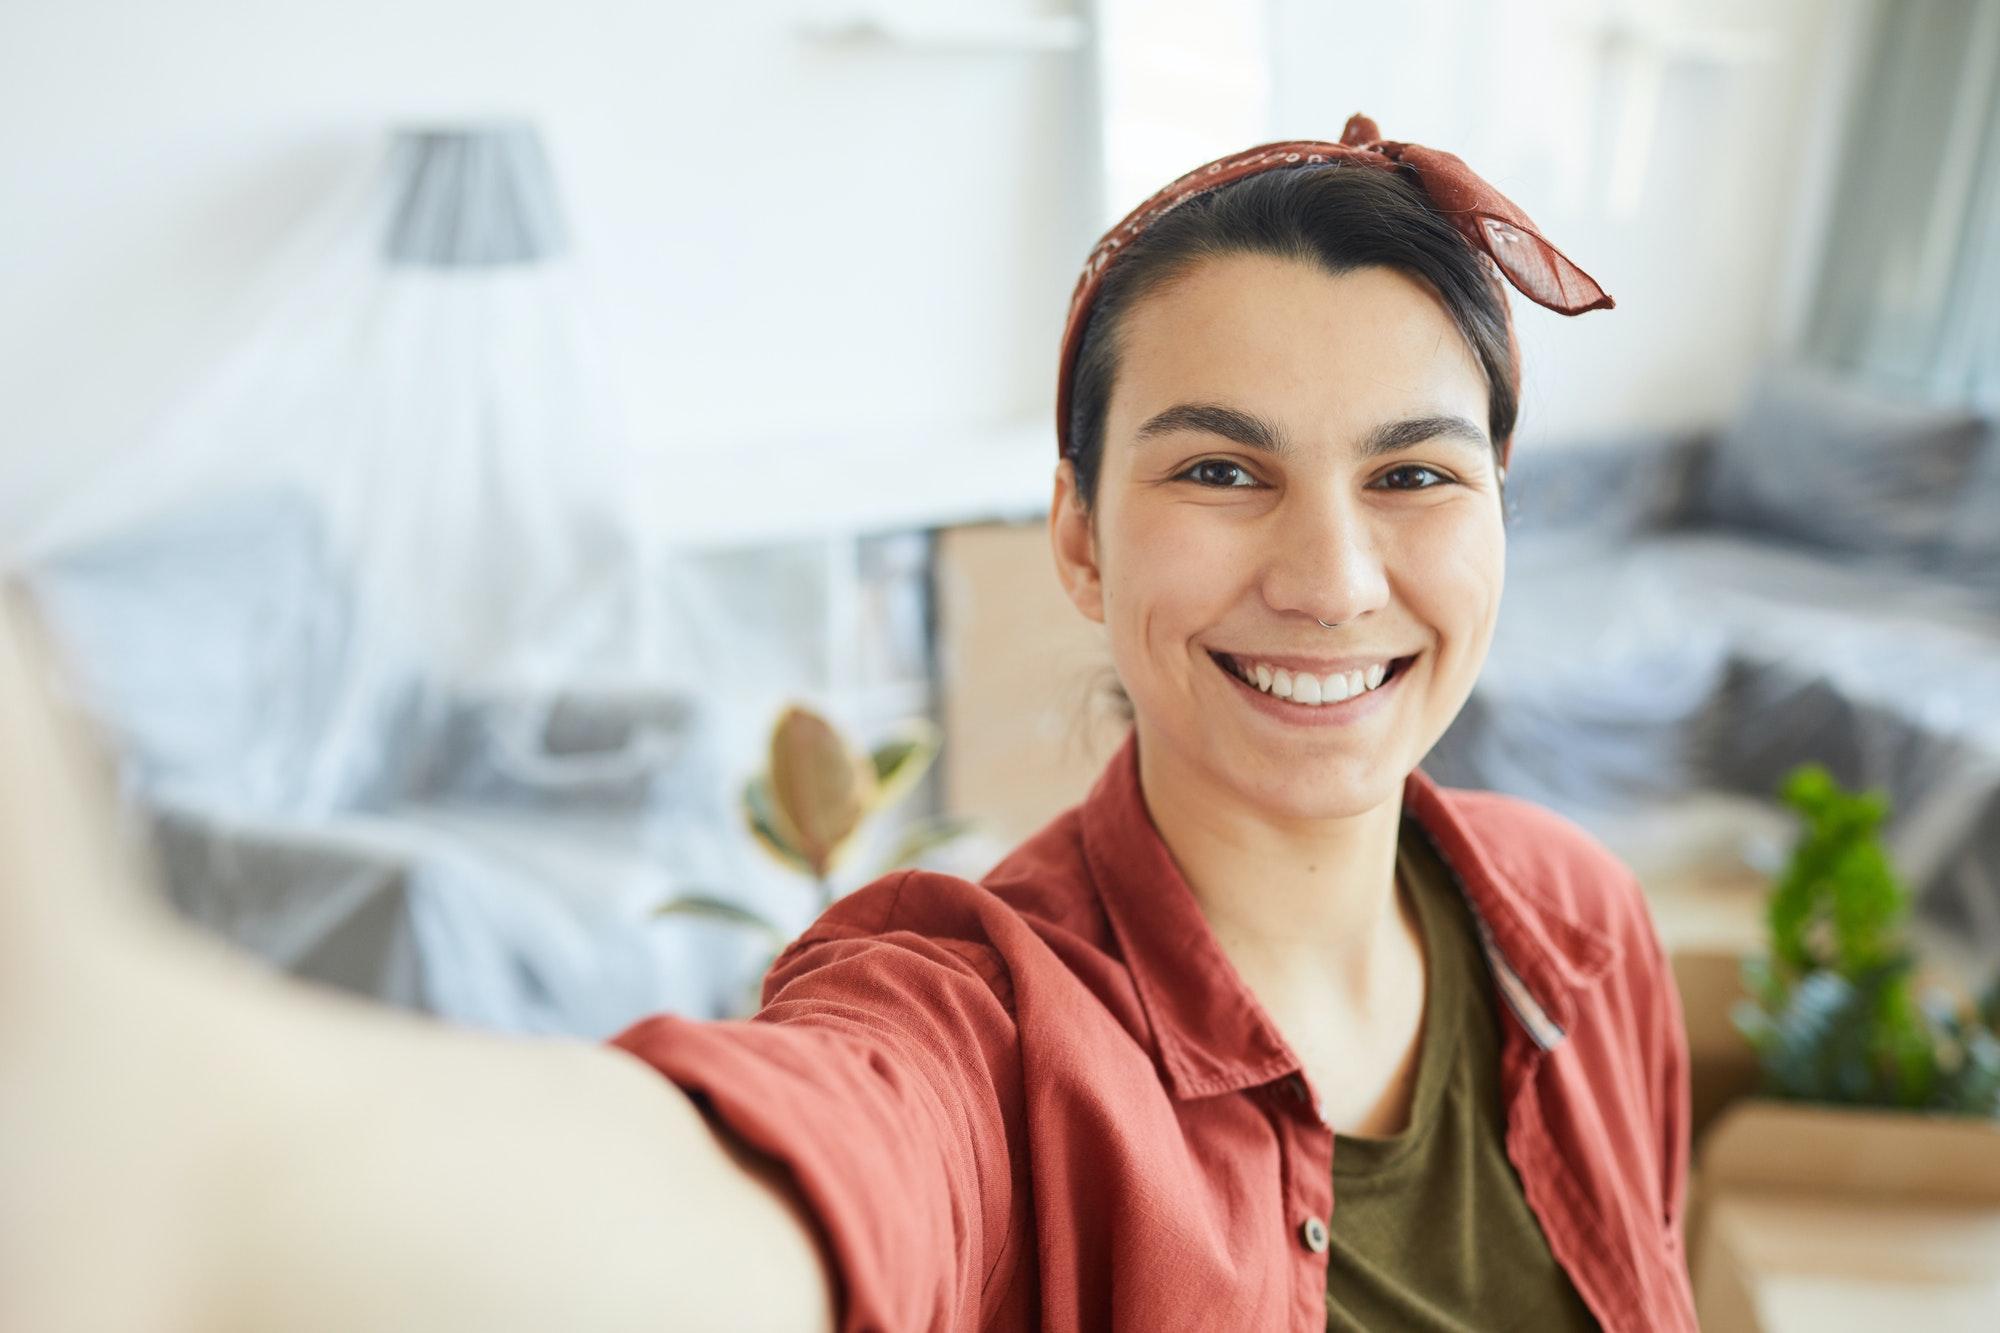 Selfie portrait of woman